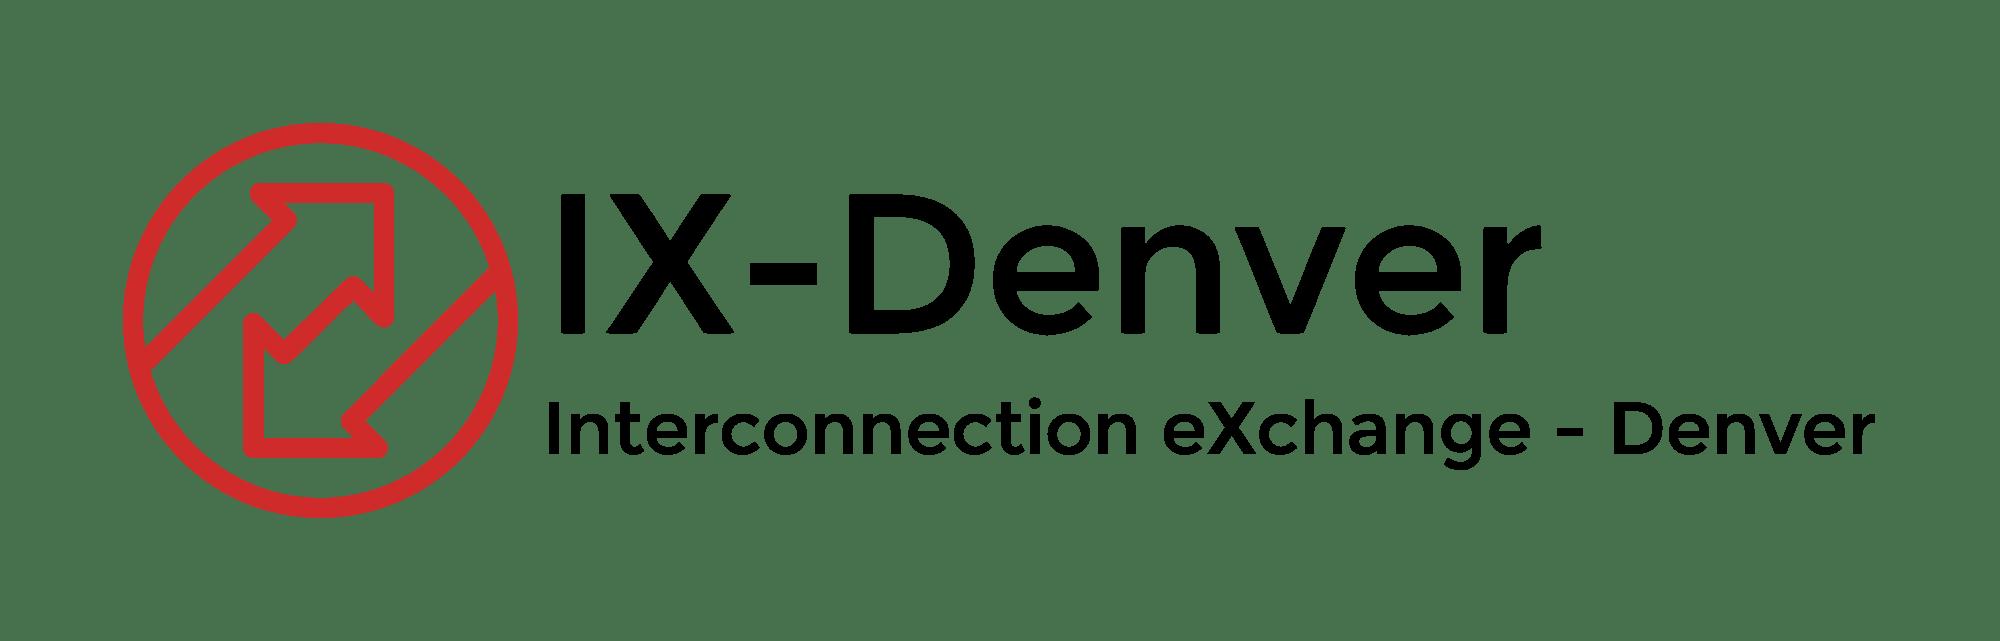 IX-Denver-logo